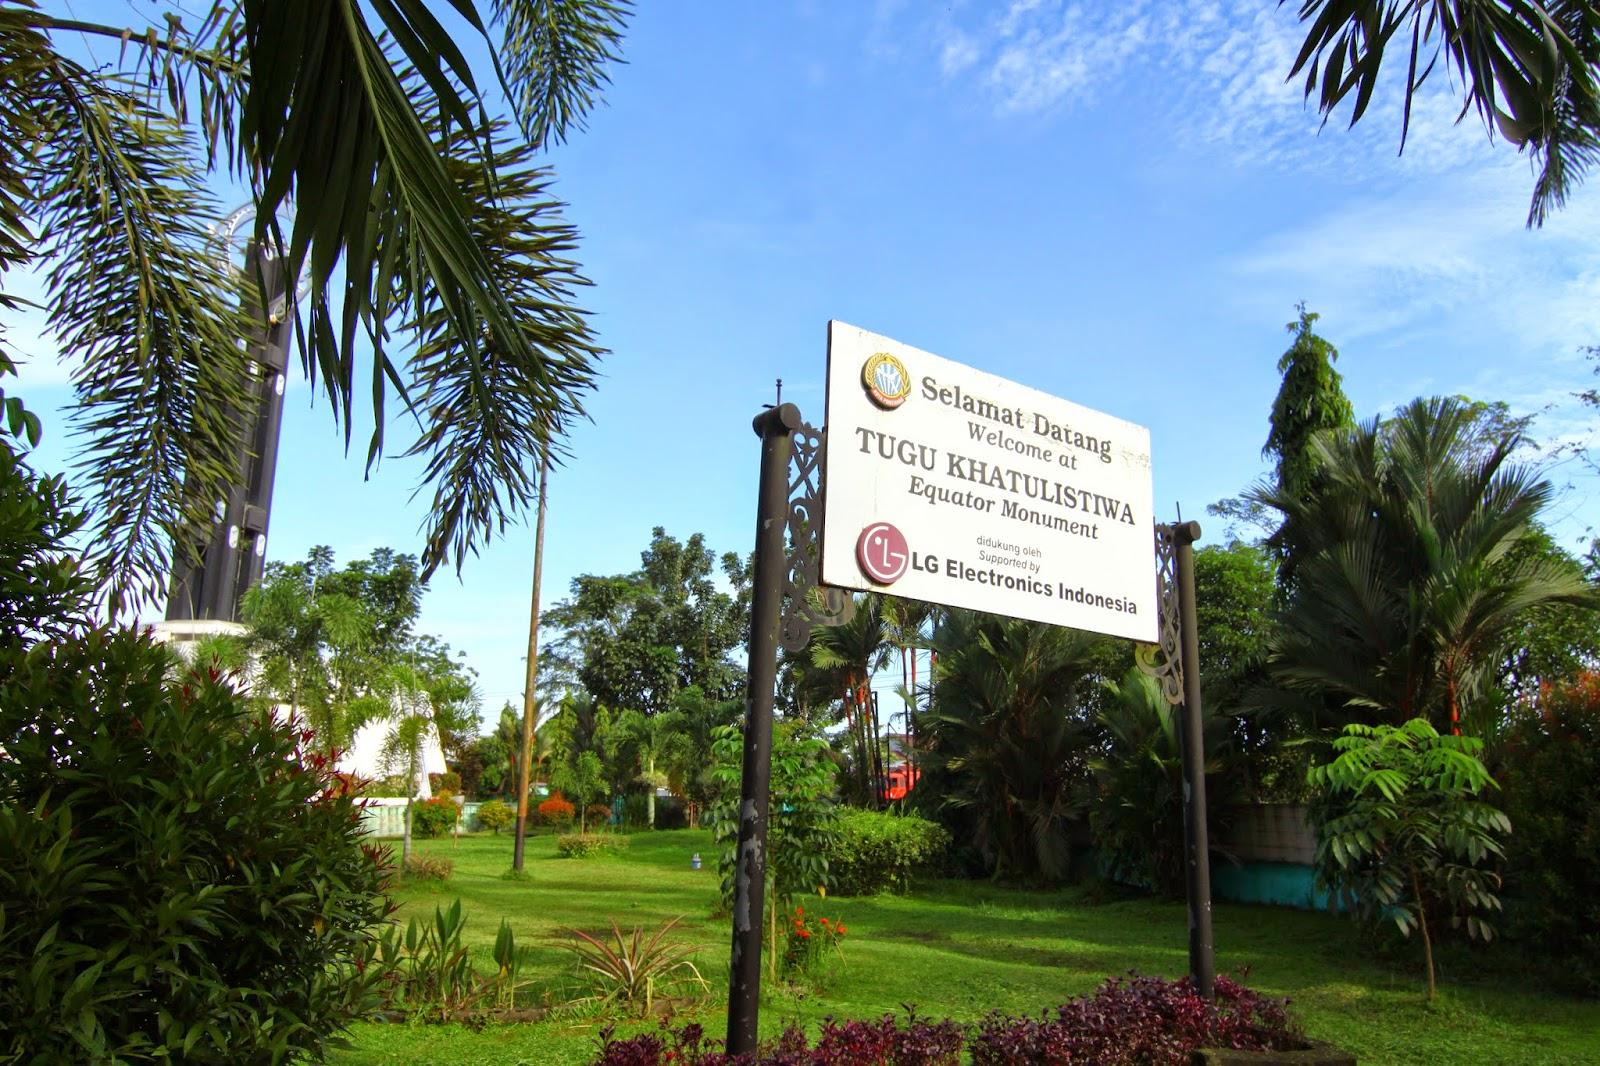 Papan tanda di depan Tugu Khatulistiwa, Pontianak